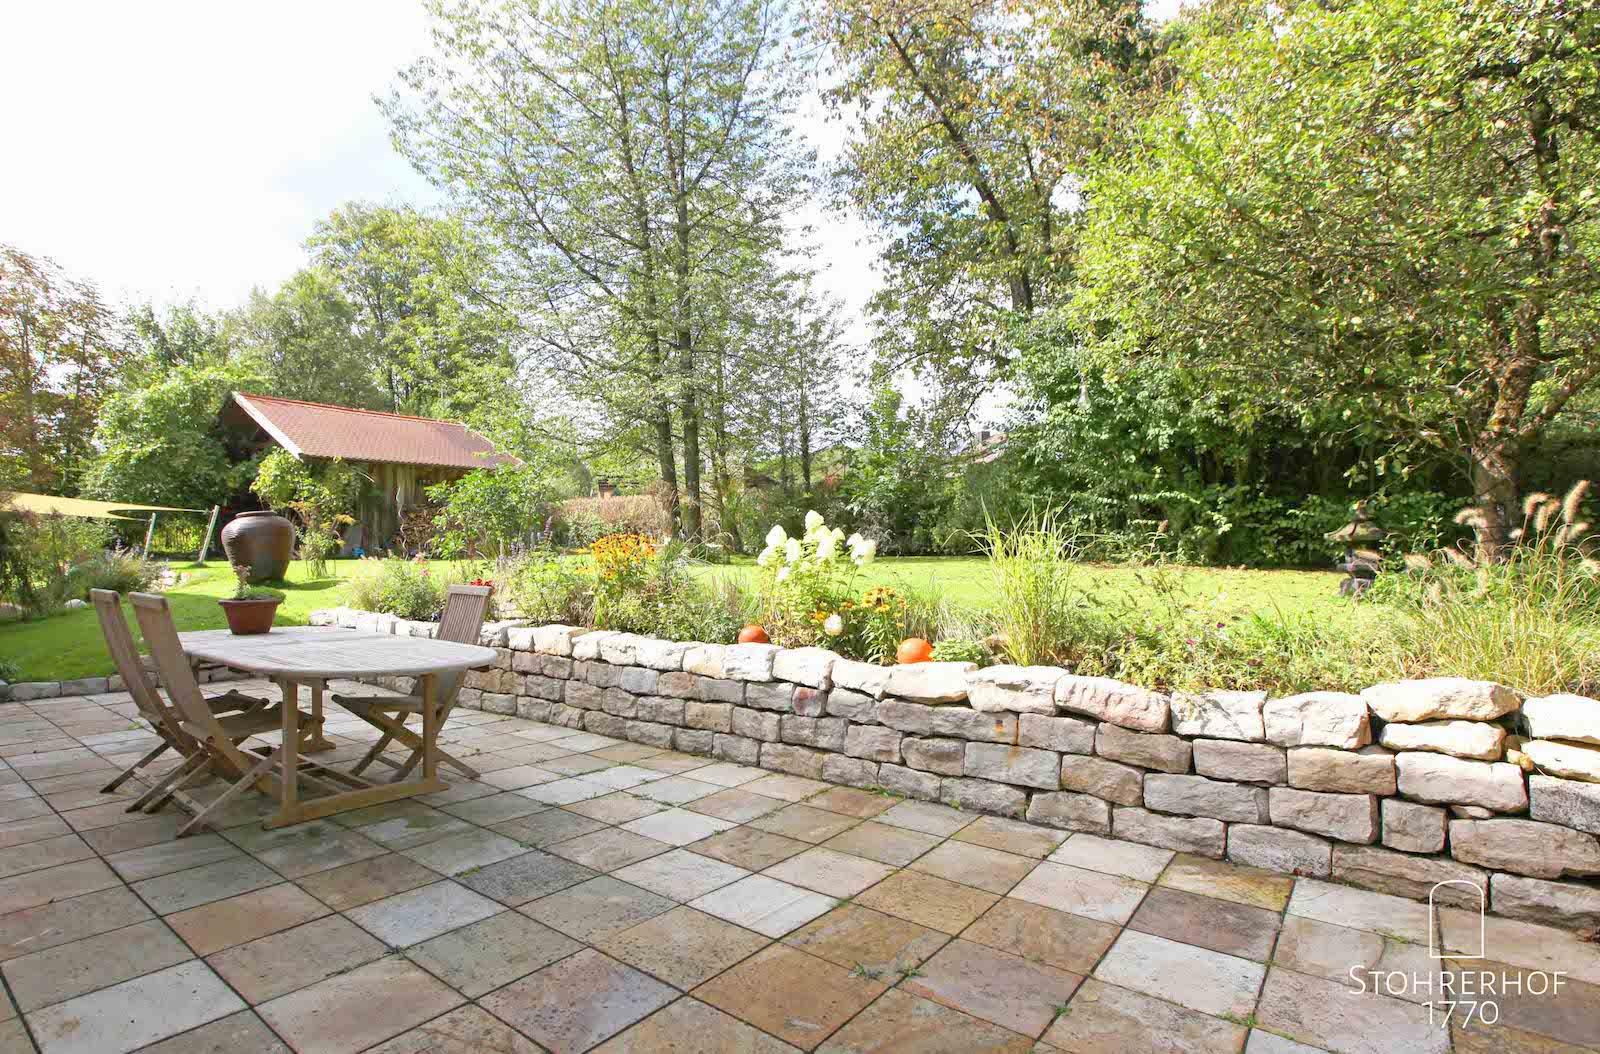 48-Garten-mit-großer-Terrasse-1-K